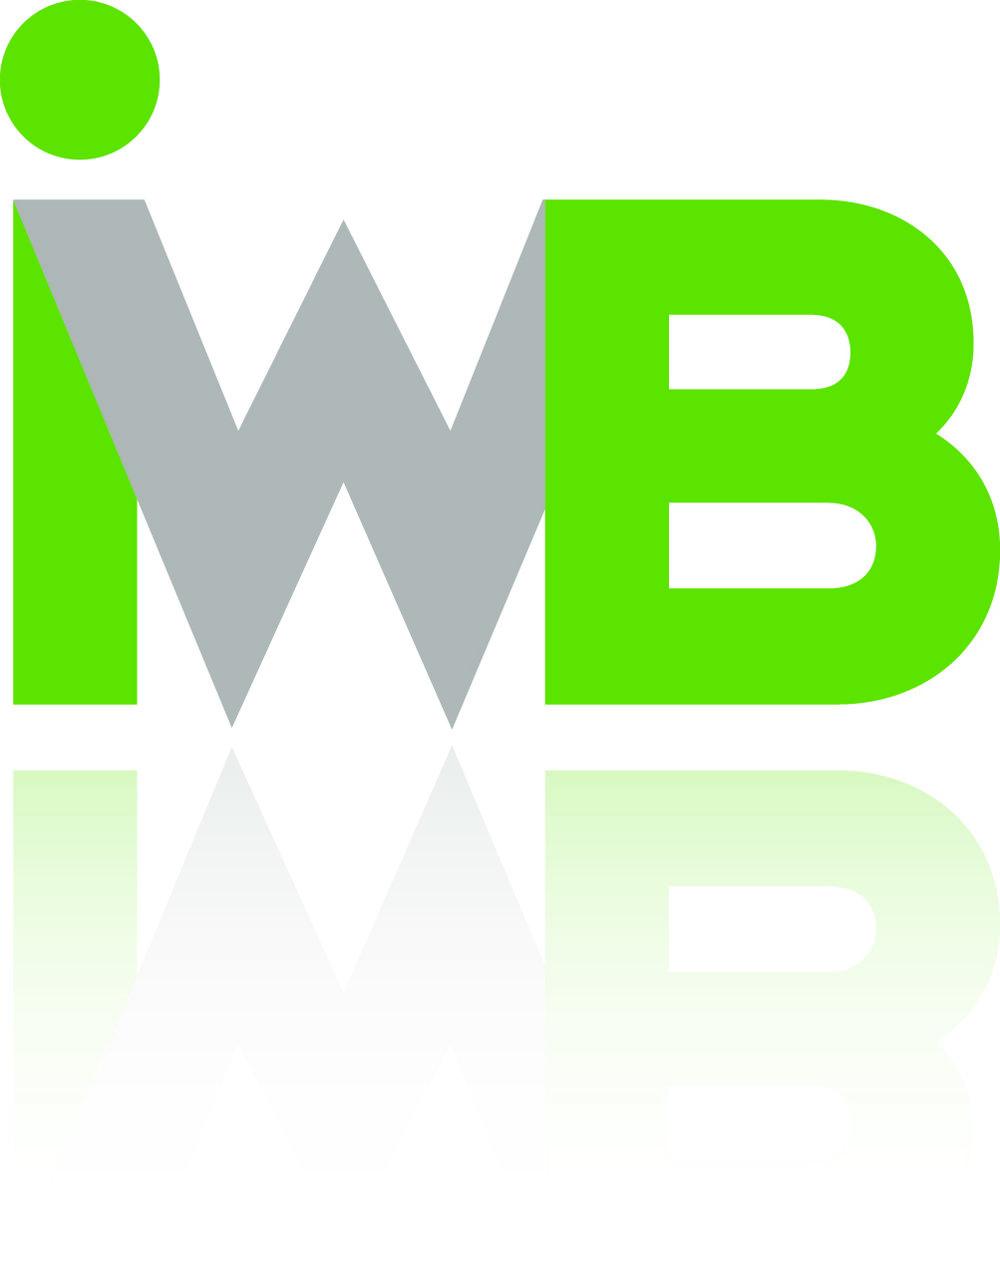 IWB_NEU_Reflexion_CMYK.jpeg